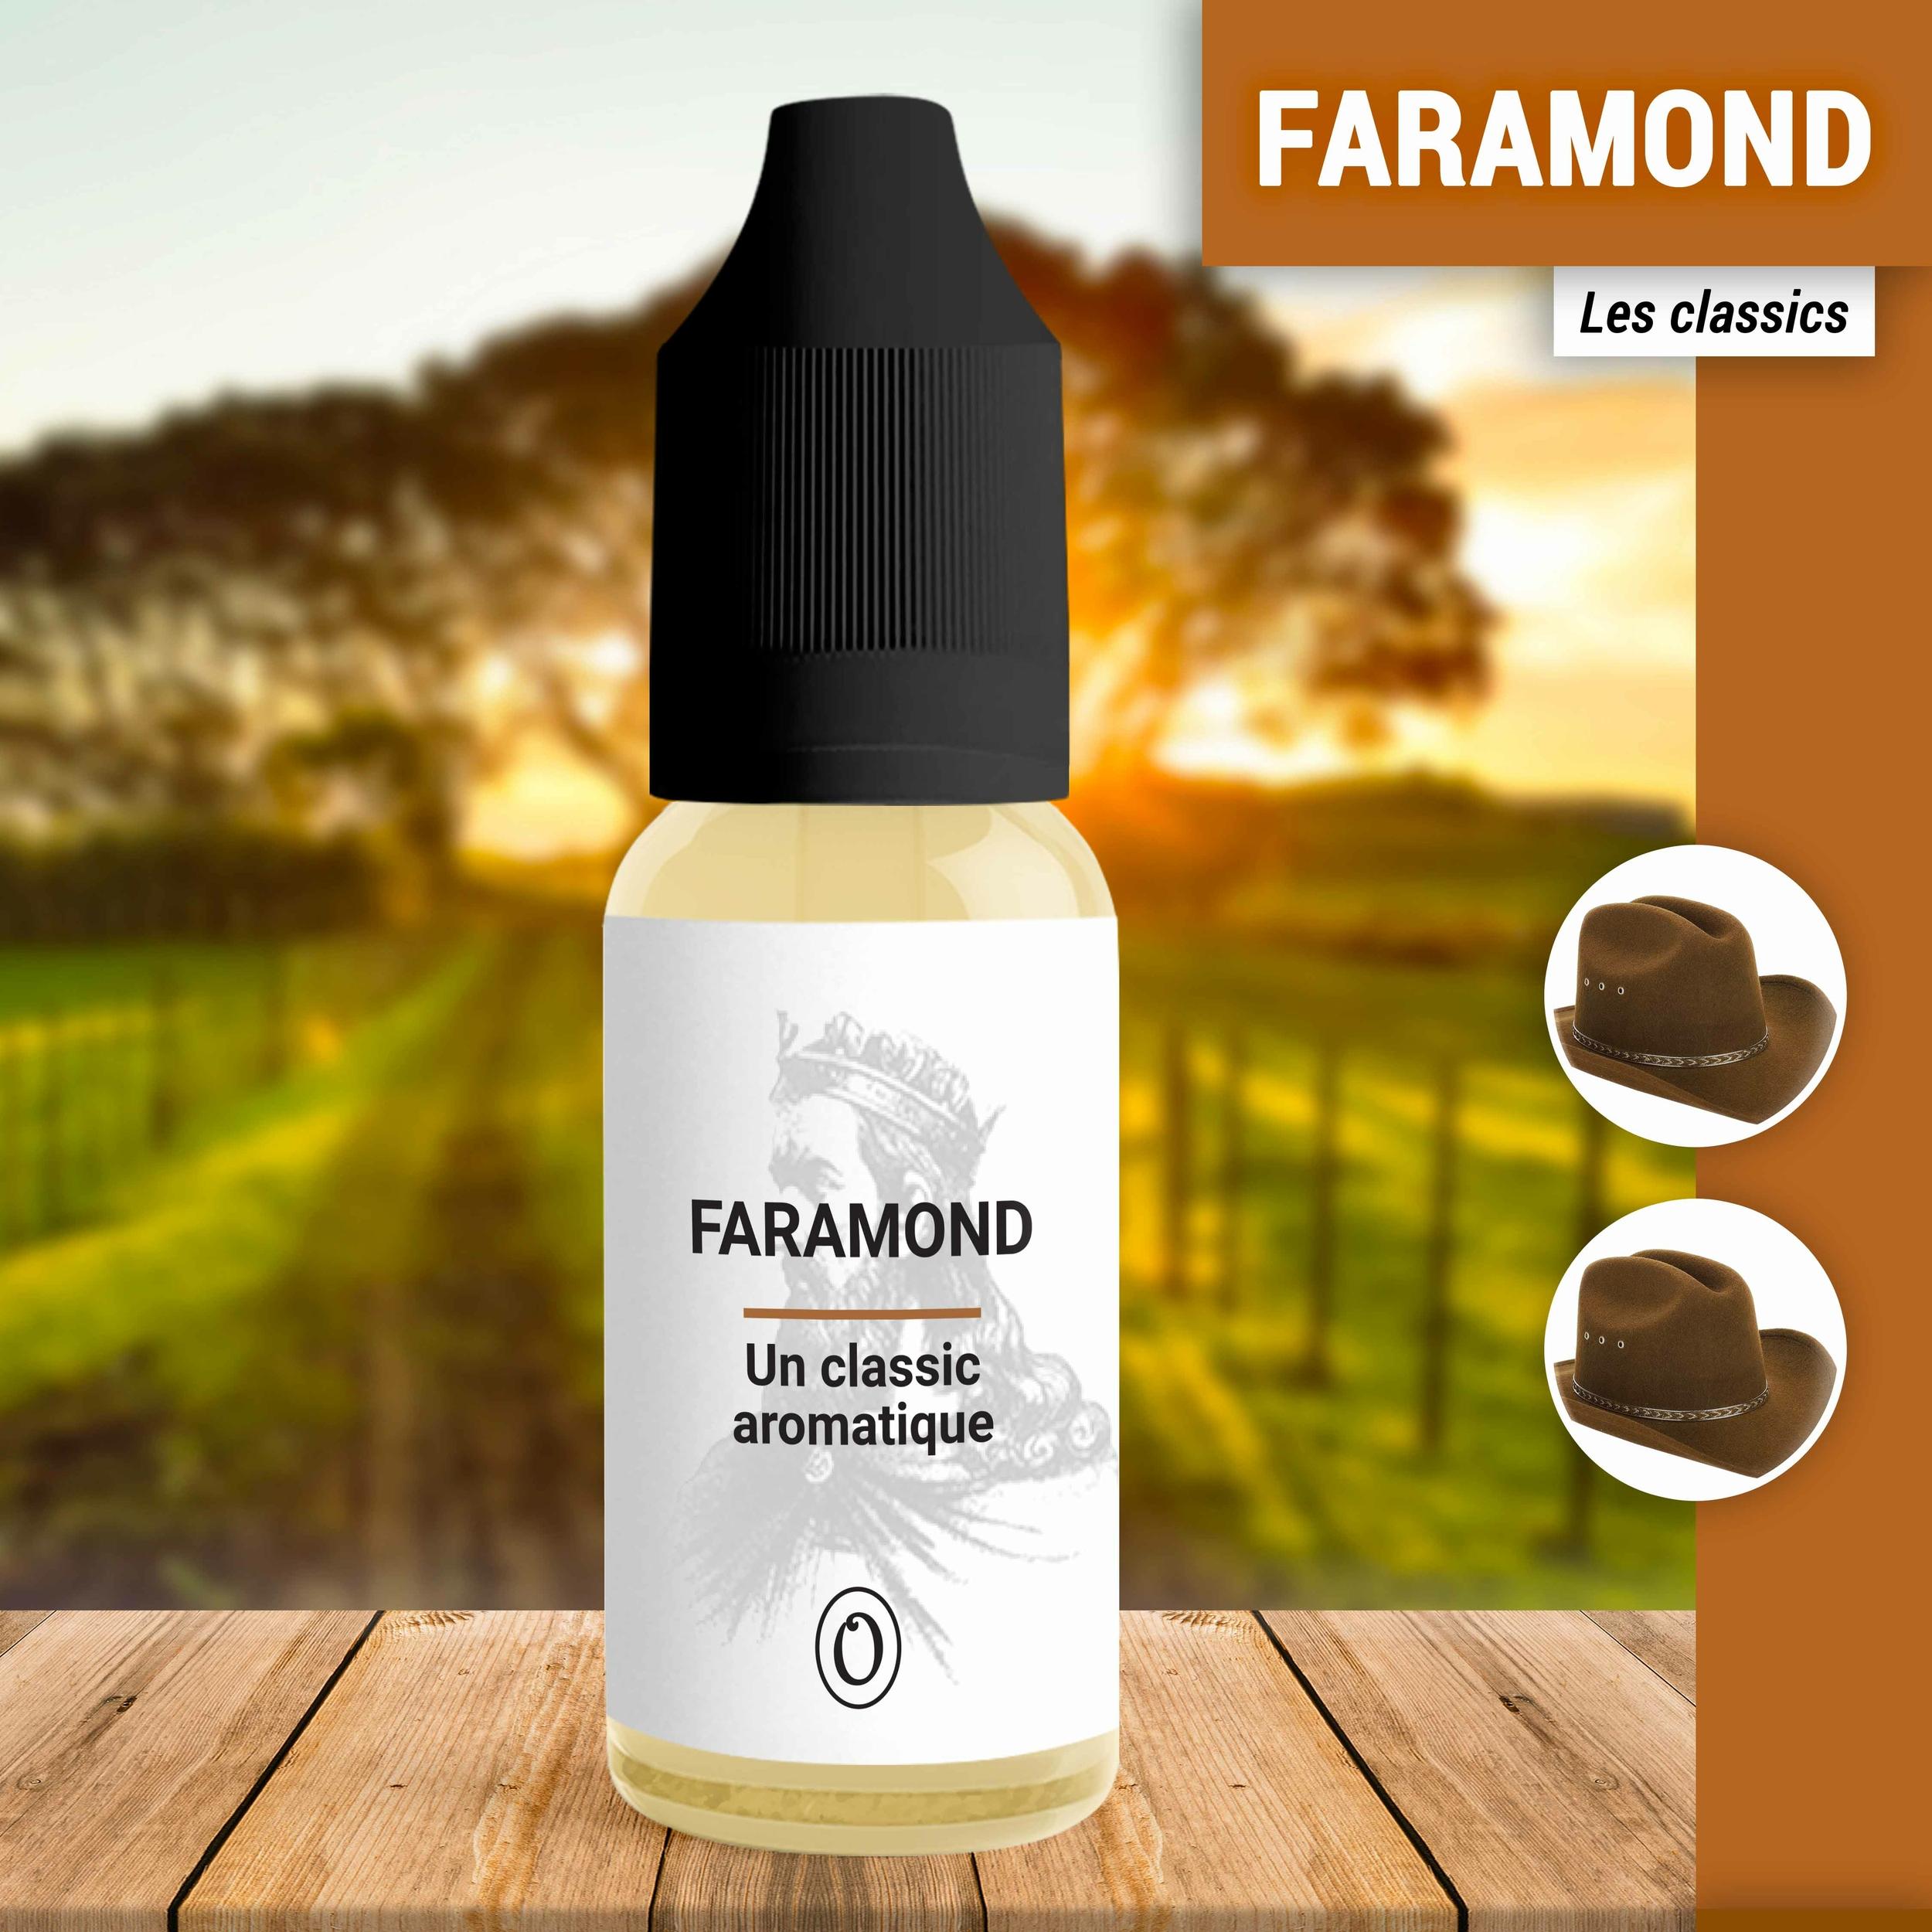 Faramond_Classics_HD